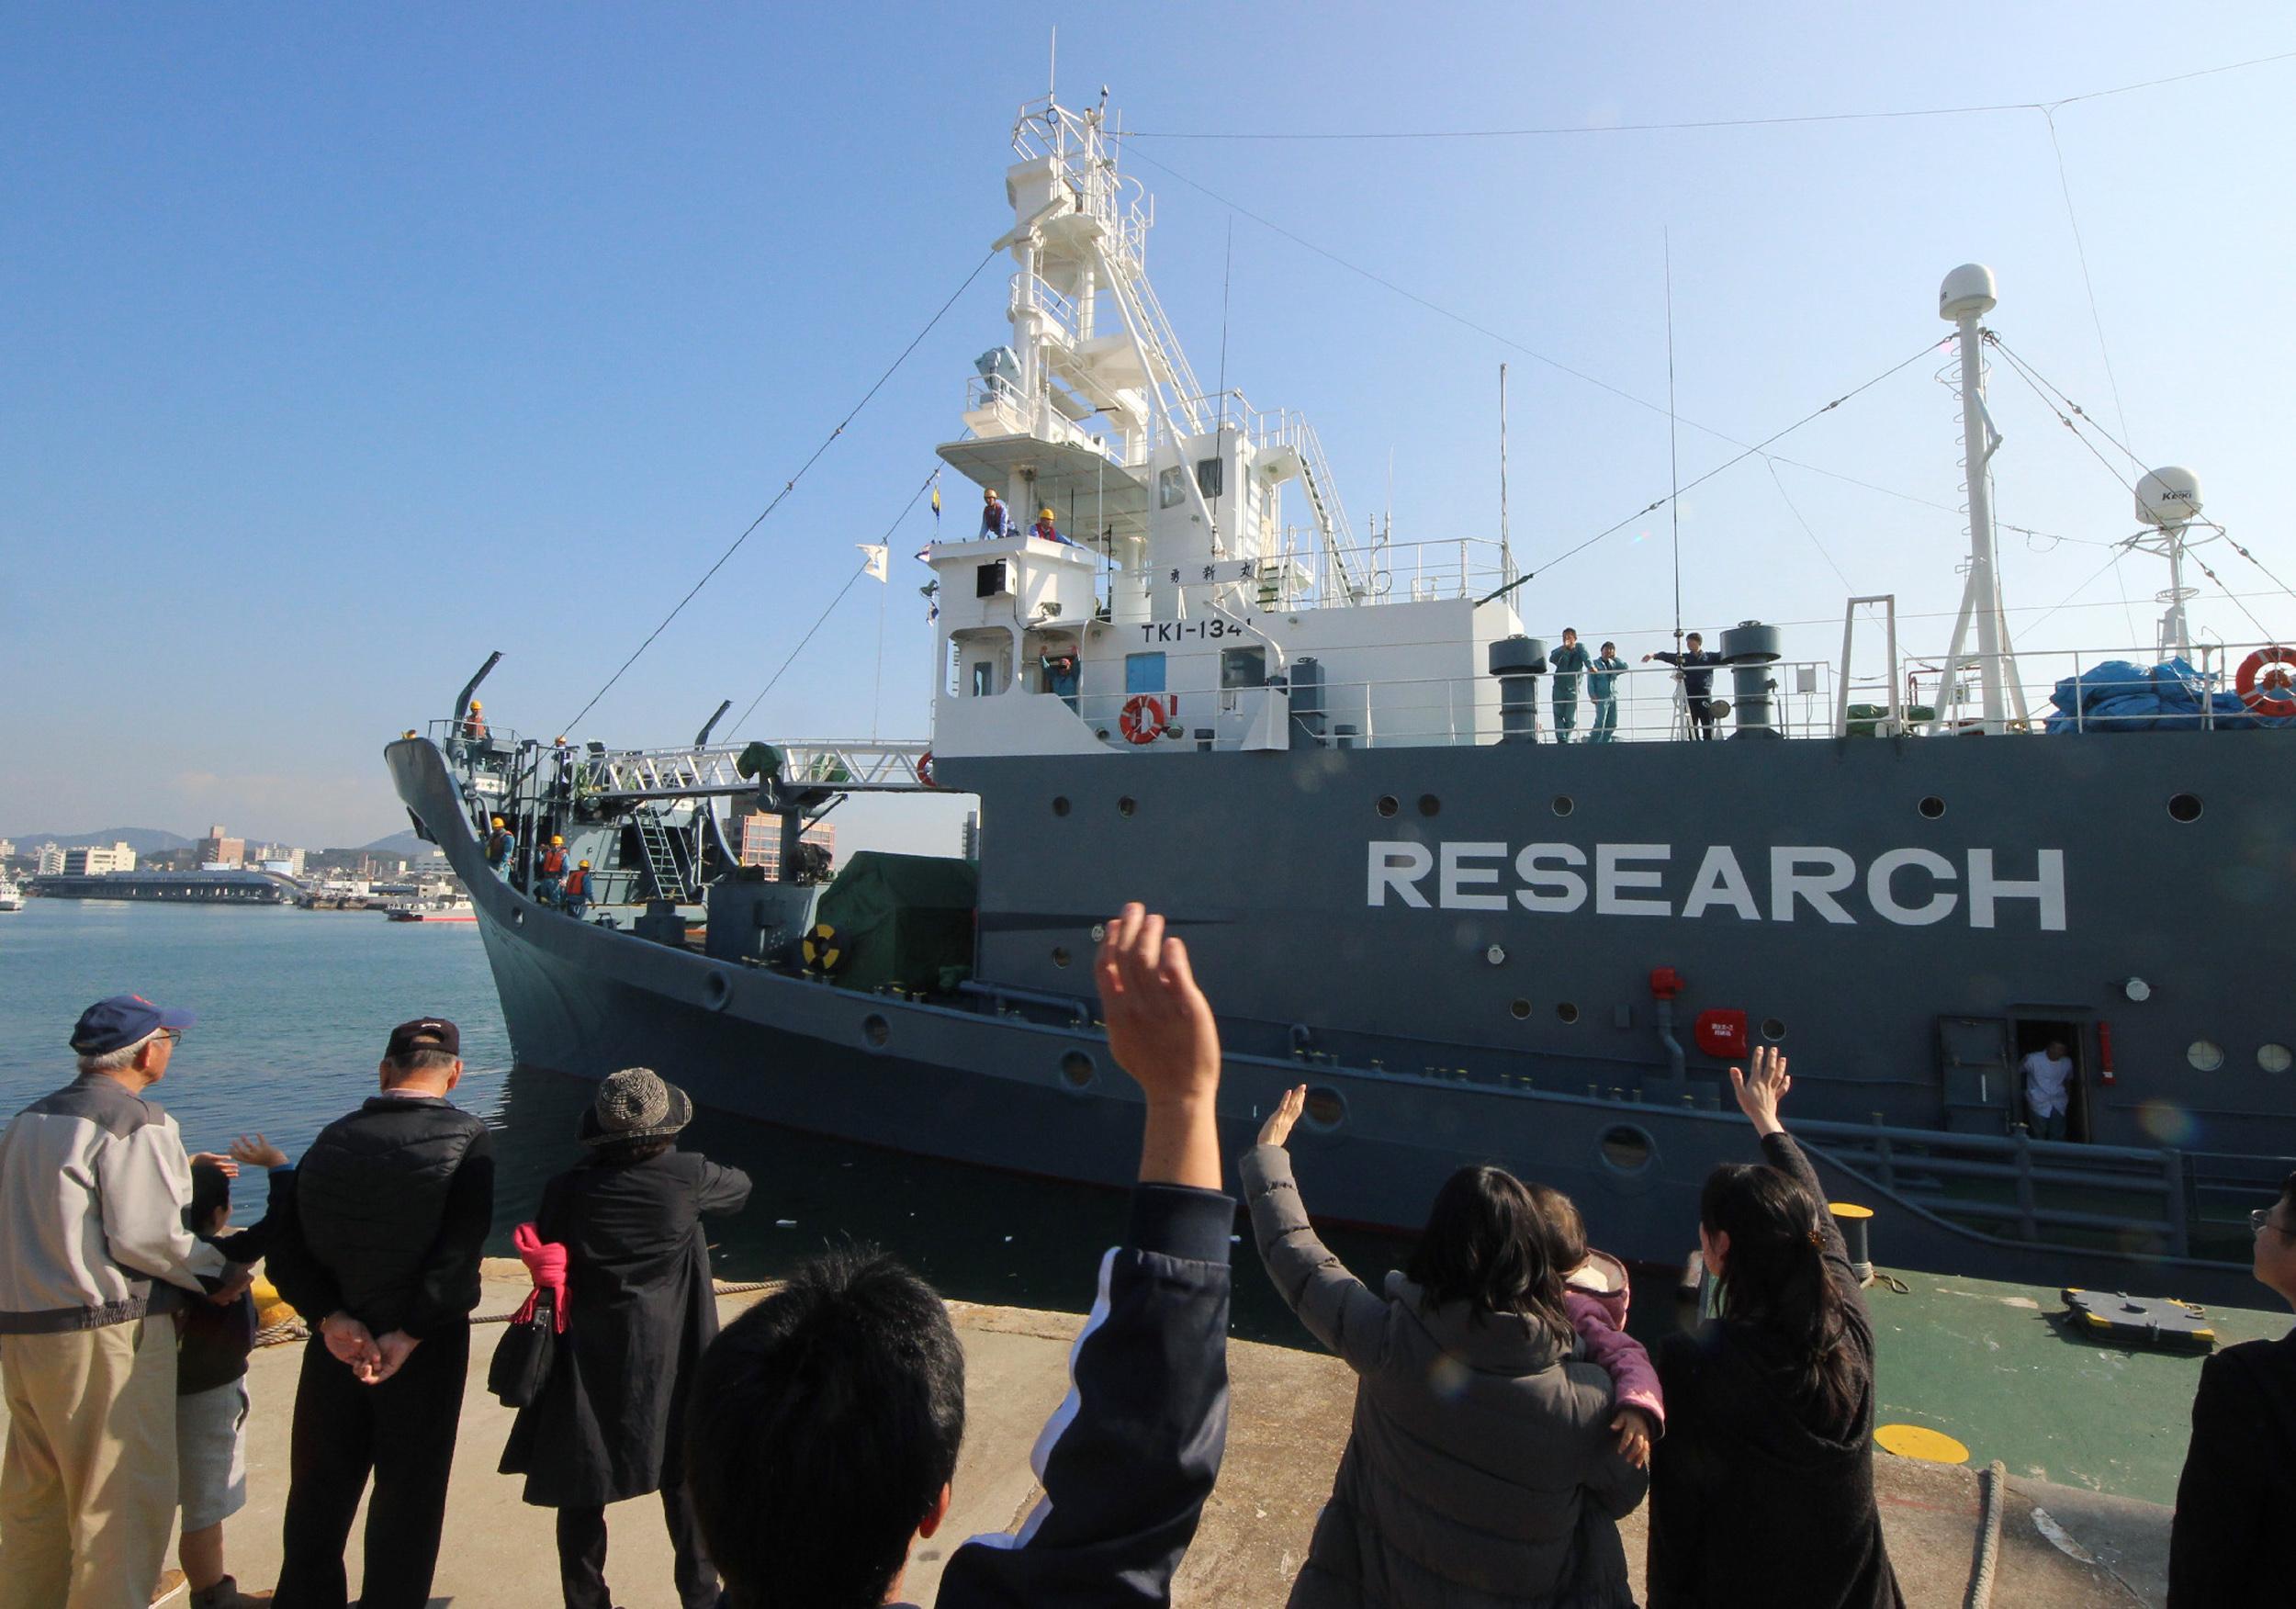 日本政府在12月26日宣佈退出國際捕鯨委員會,以便在明年7月恢復商業捕鯨。圖為2015年12月1日,日本一艘捕鯨船離開山口縣的港口。(JIJI PRESS / AFP)